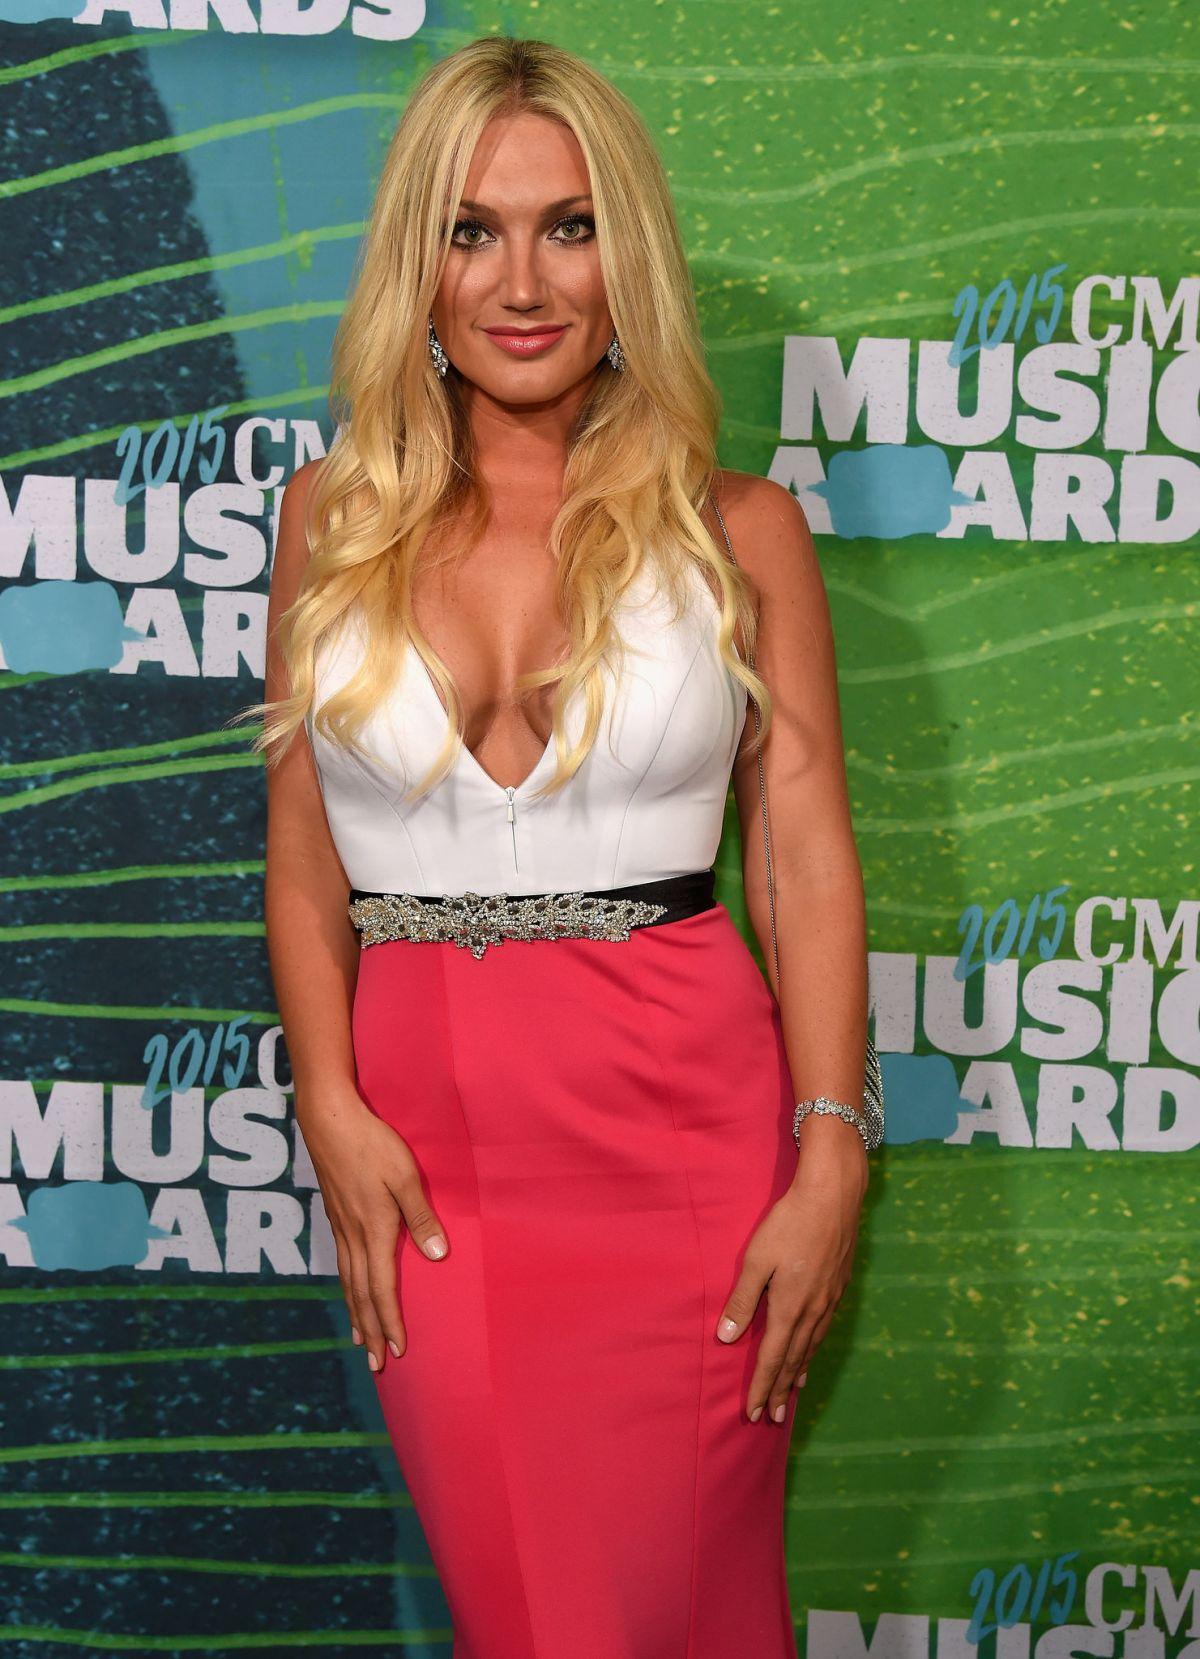 BROOKE HOGAN at 2015 CMT Music Awards in Nashville